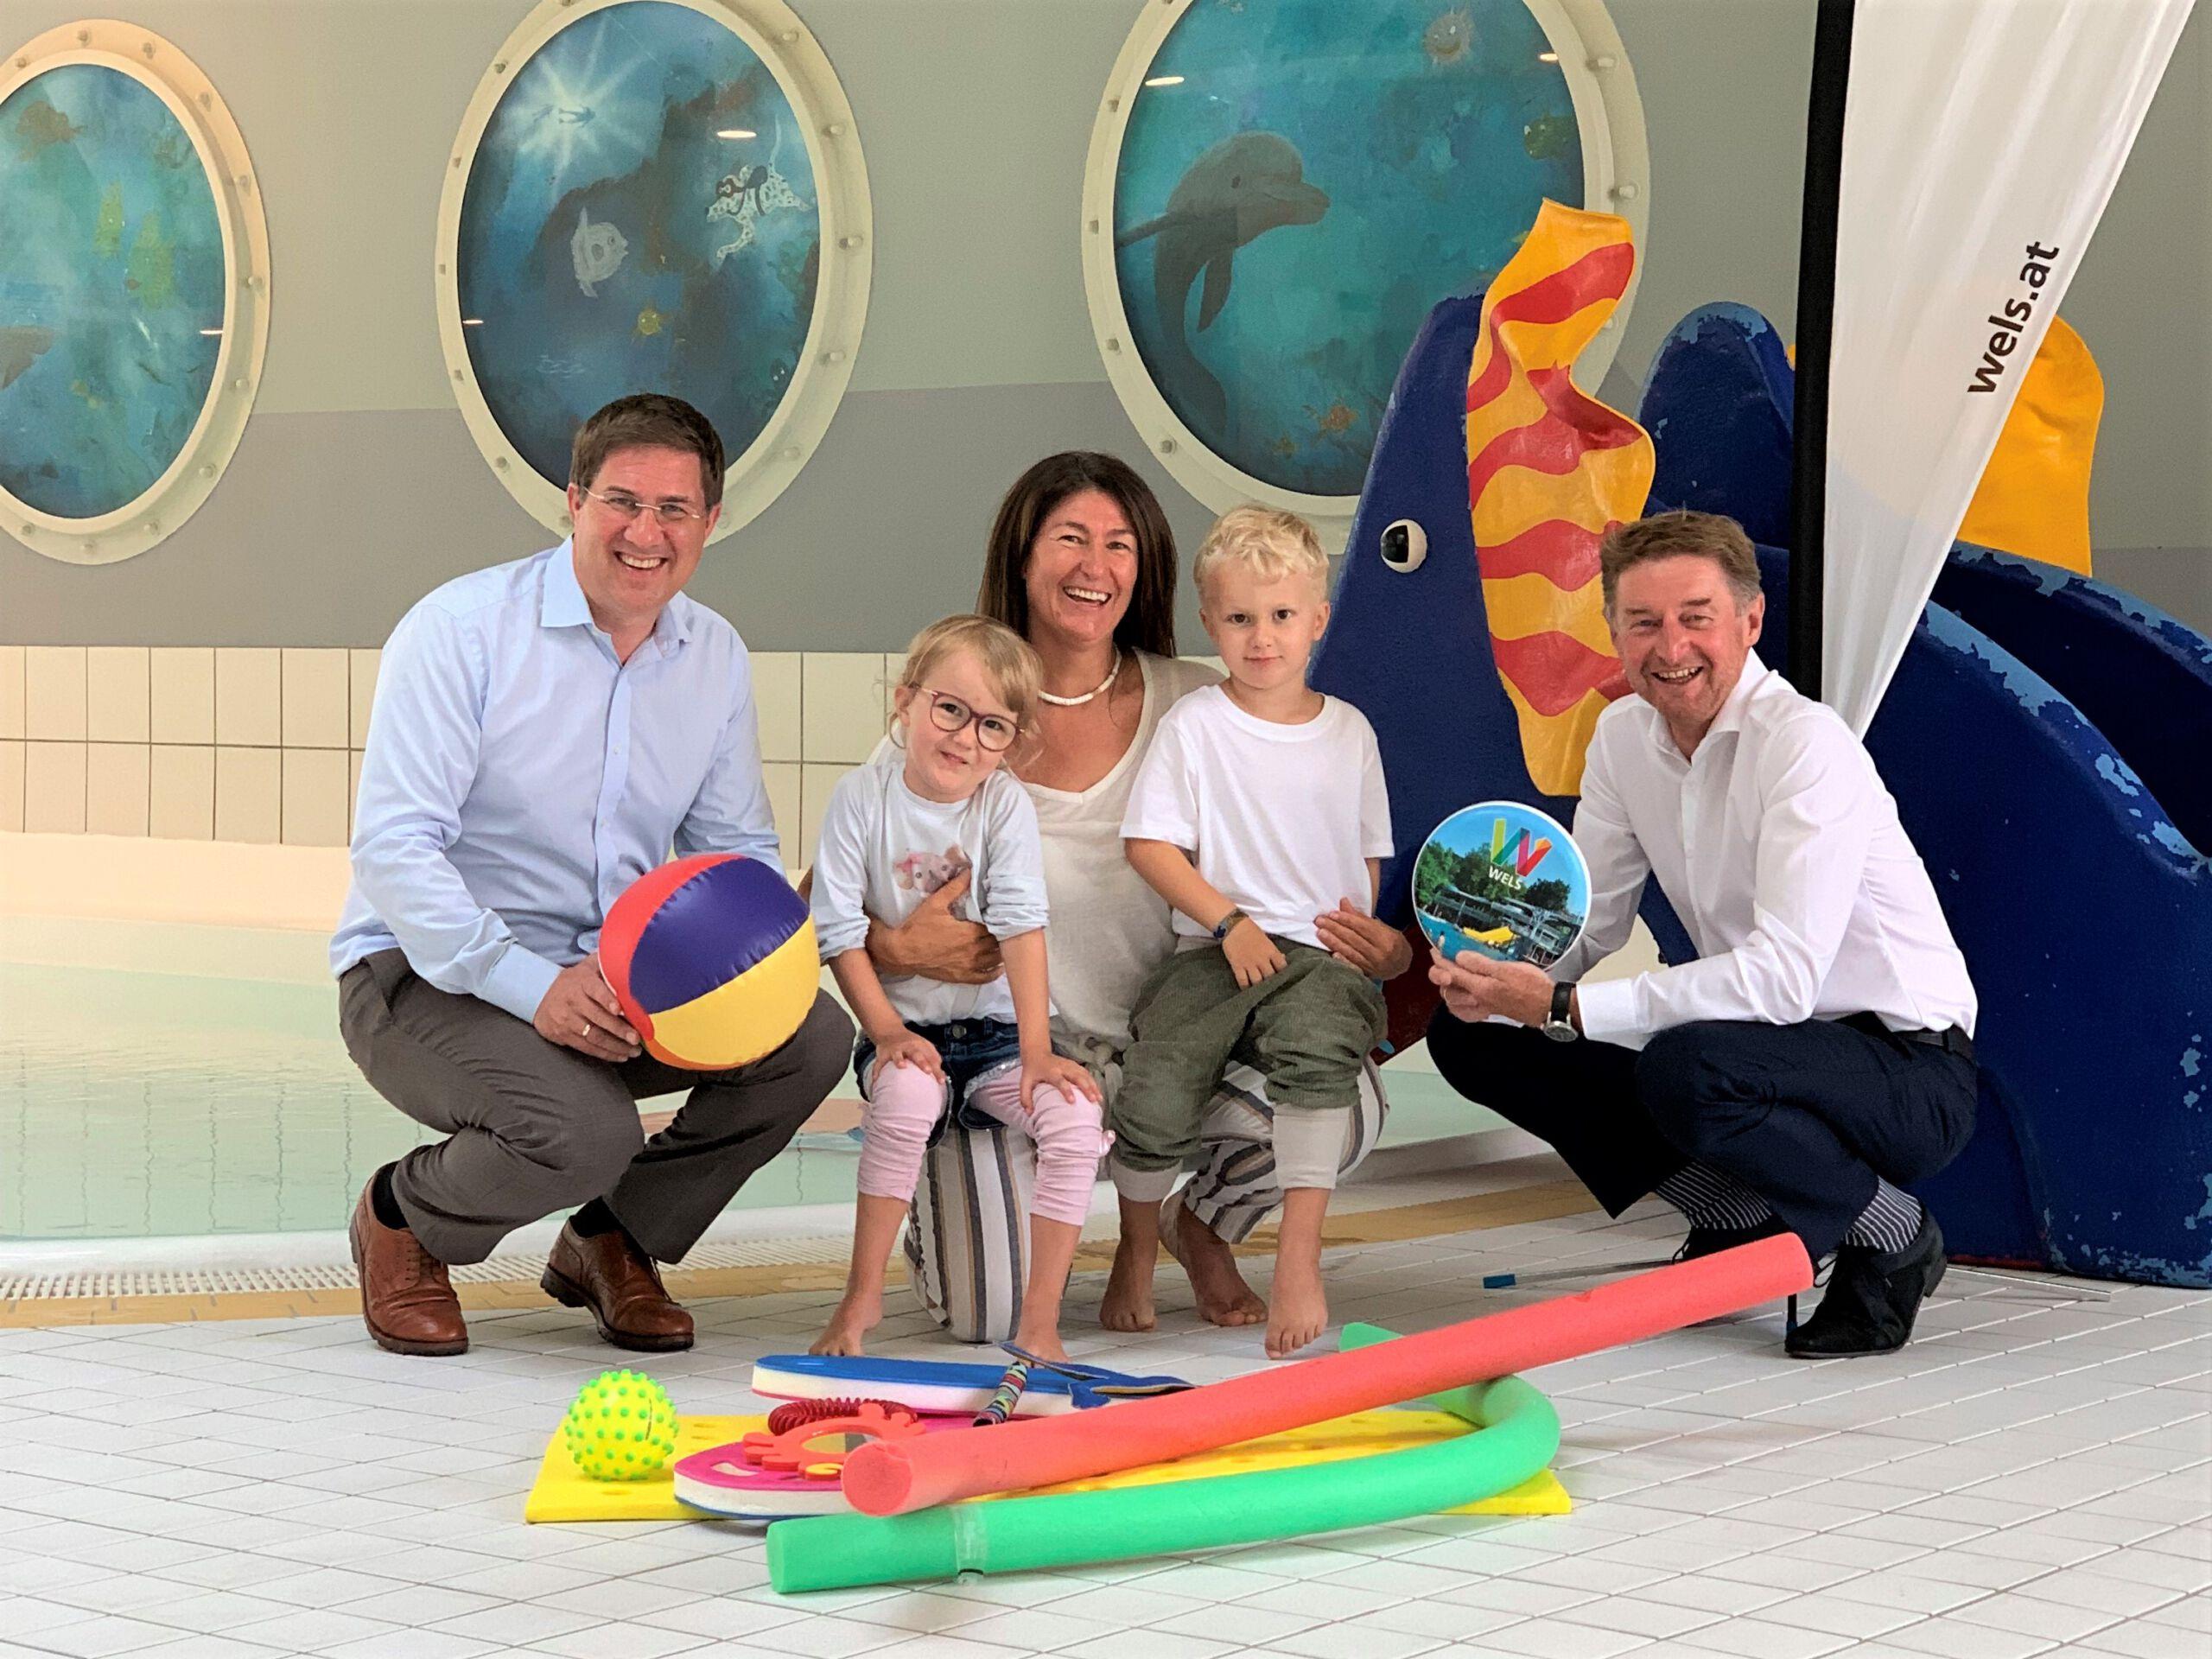 Bürgermeister Dr. Andreas Rabl und Sportreferent Vzbgm. Gerhard Kroiß mit der Schwimmtrainerin und 2 Kindern vor dem Schwimmbecken im Welser Hallenbad